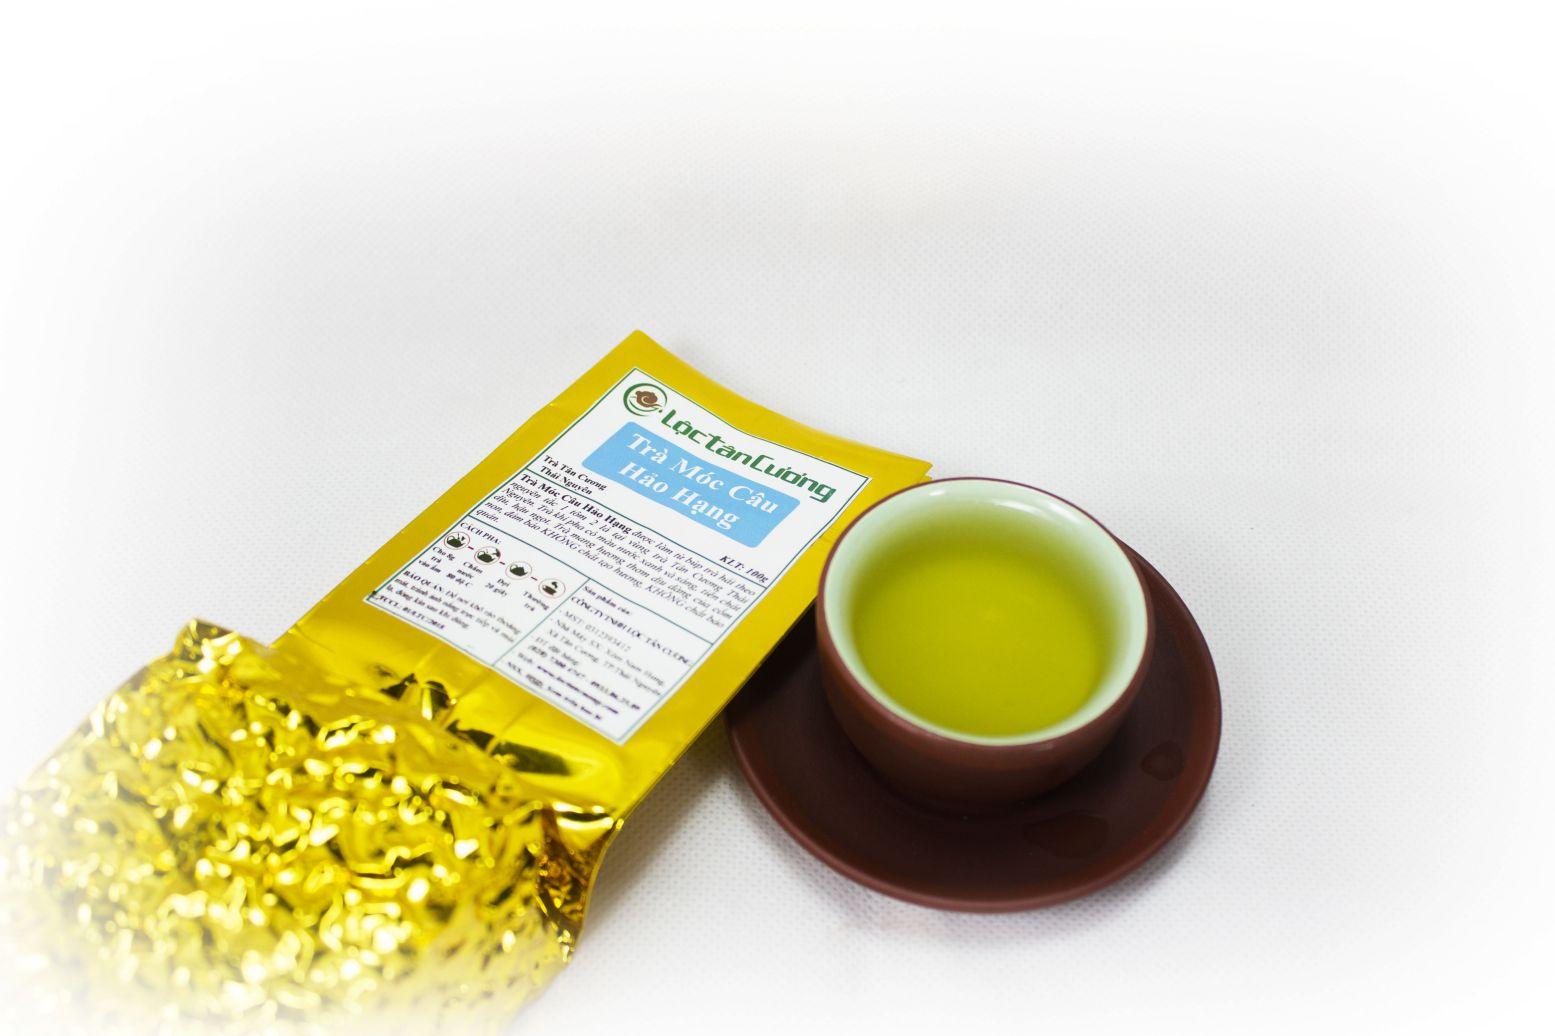 Trà móc câu thái nguyên hảo hạng có hương vị thơm ngon đậm đà và mang lại nhiều sức khỏe cho người dùng